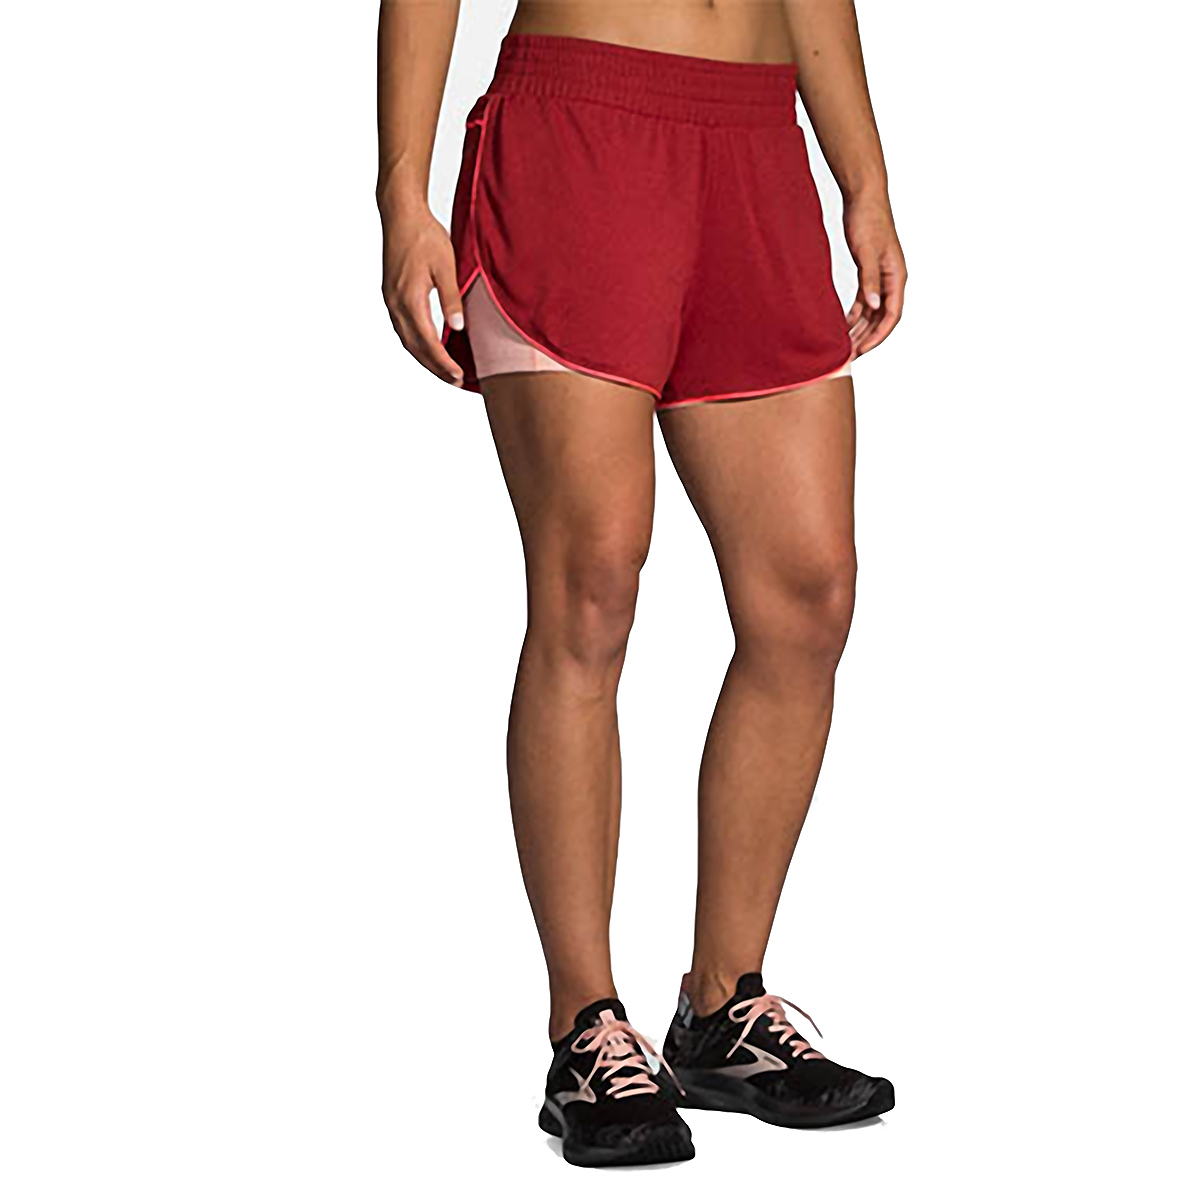 """Women's Brooks Rep 3"""" 2-In-1 Short  - Color: Heather Beet/Hot Pink - Size: XS, Heather Beet/Hot Pink, large, image 1"""